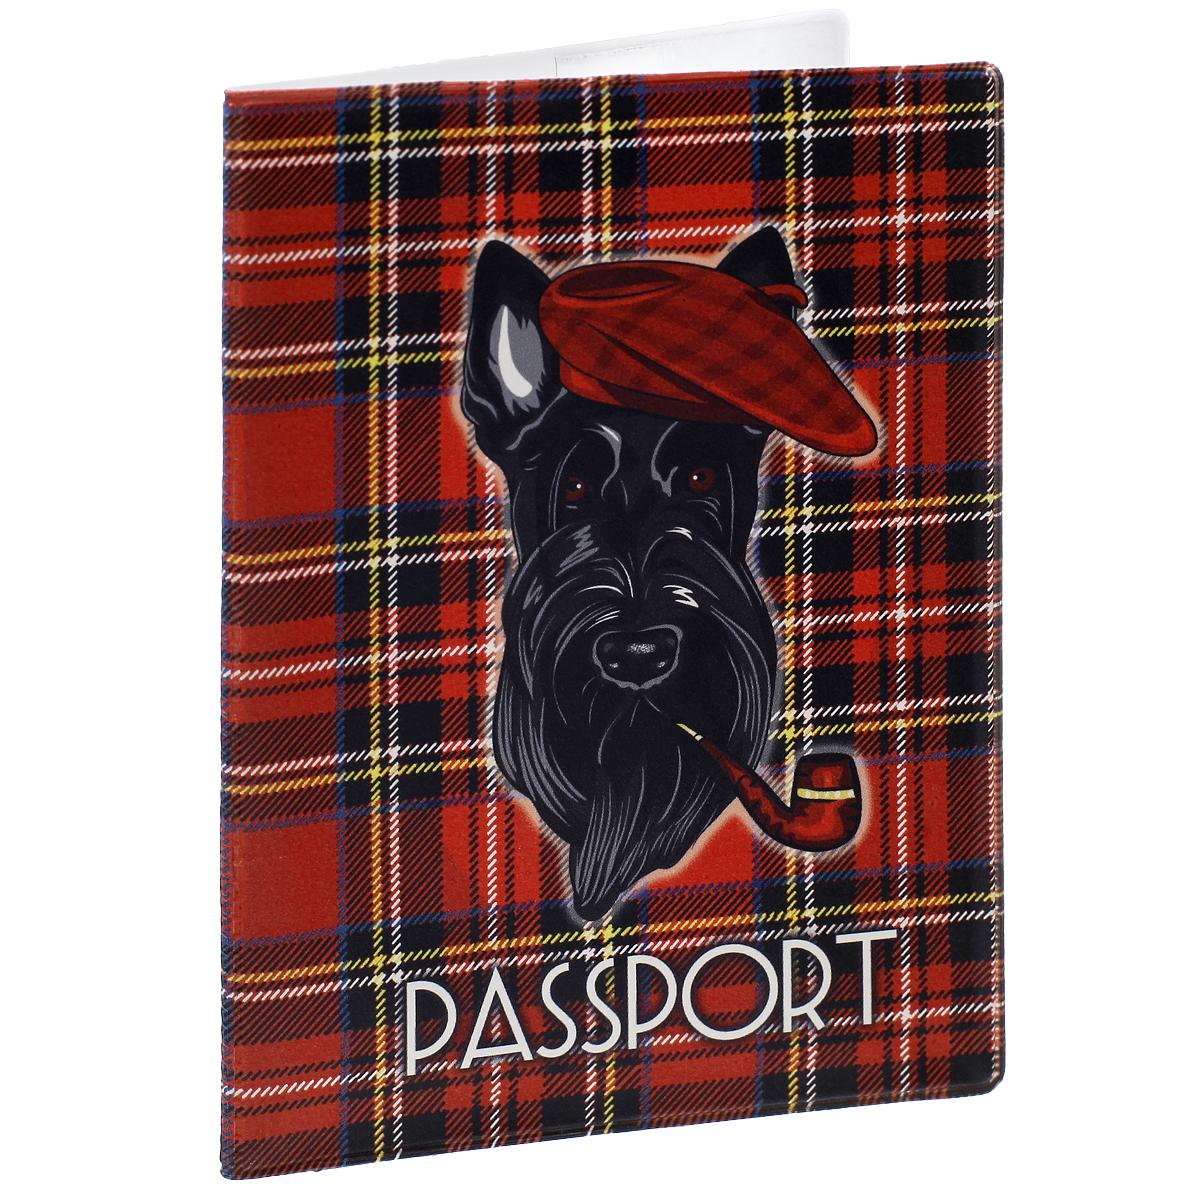 Обложка для паспорта Тартан, цвет: красный. 3567535675Обложка для паспорта Тартан не только поможет сохранить внешний вид ваших документов и защитить их от повреждений, но и станет стильным аксессуаром, идеально подходящим вашему образу. Обложка выполнена из поливинилхлорида и оформлена оригинальным орнаментом тартан с изображение собаки. Внутри имеет два вертикальных кармана из прозрачного пластика. Такая обложка поможет вам подчеркнуть свою индивидуальность и неповторимость!